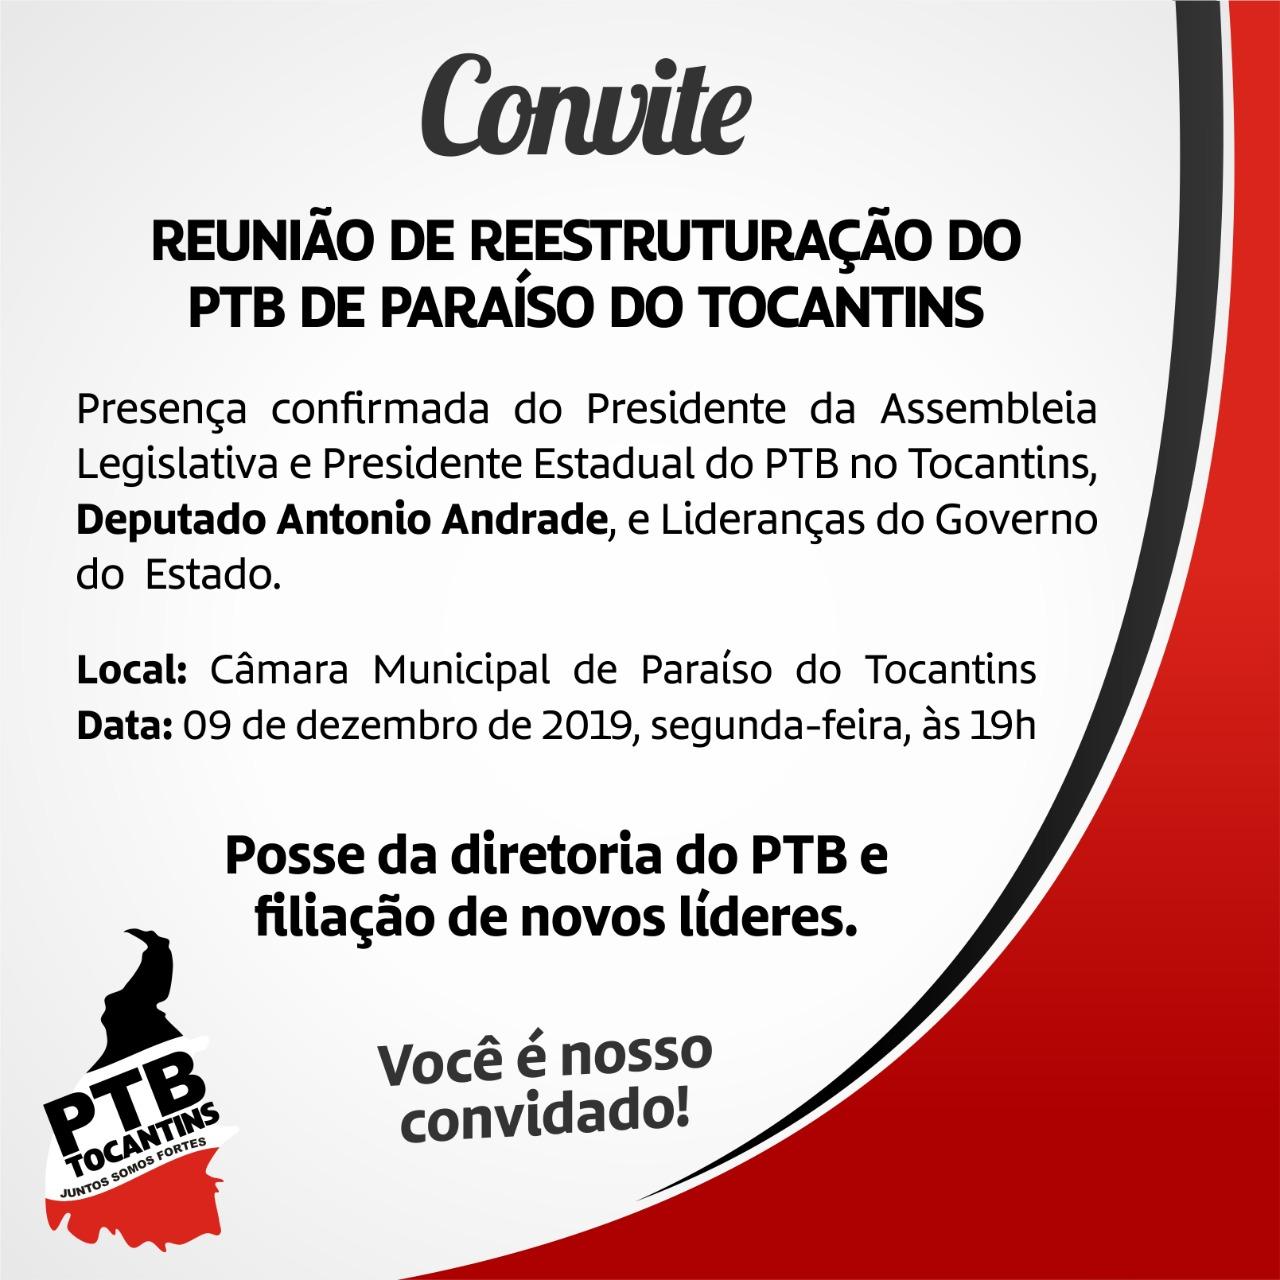 Presidente da Assembleia Legislativa do Tocantins participará de encontro do PTB em Paraíso TO